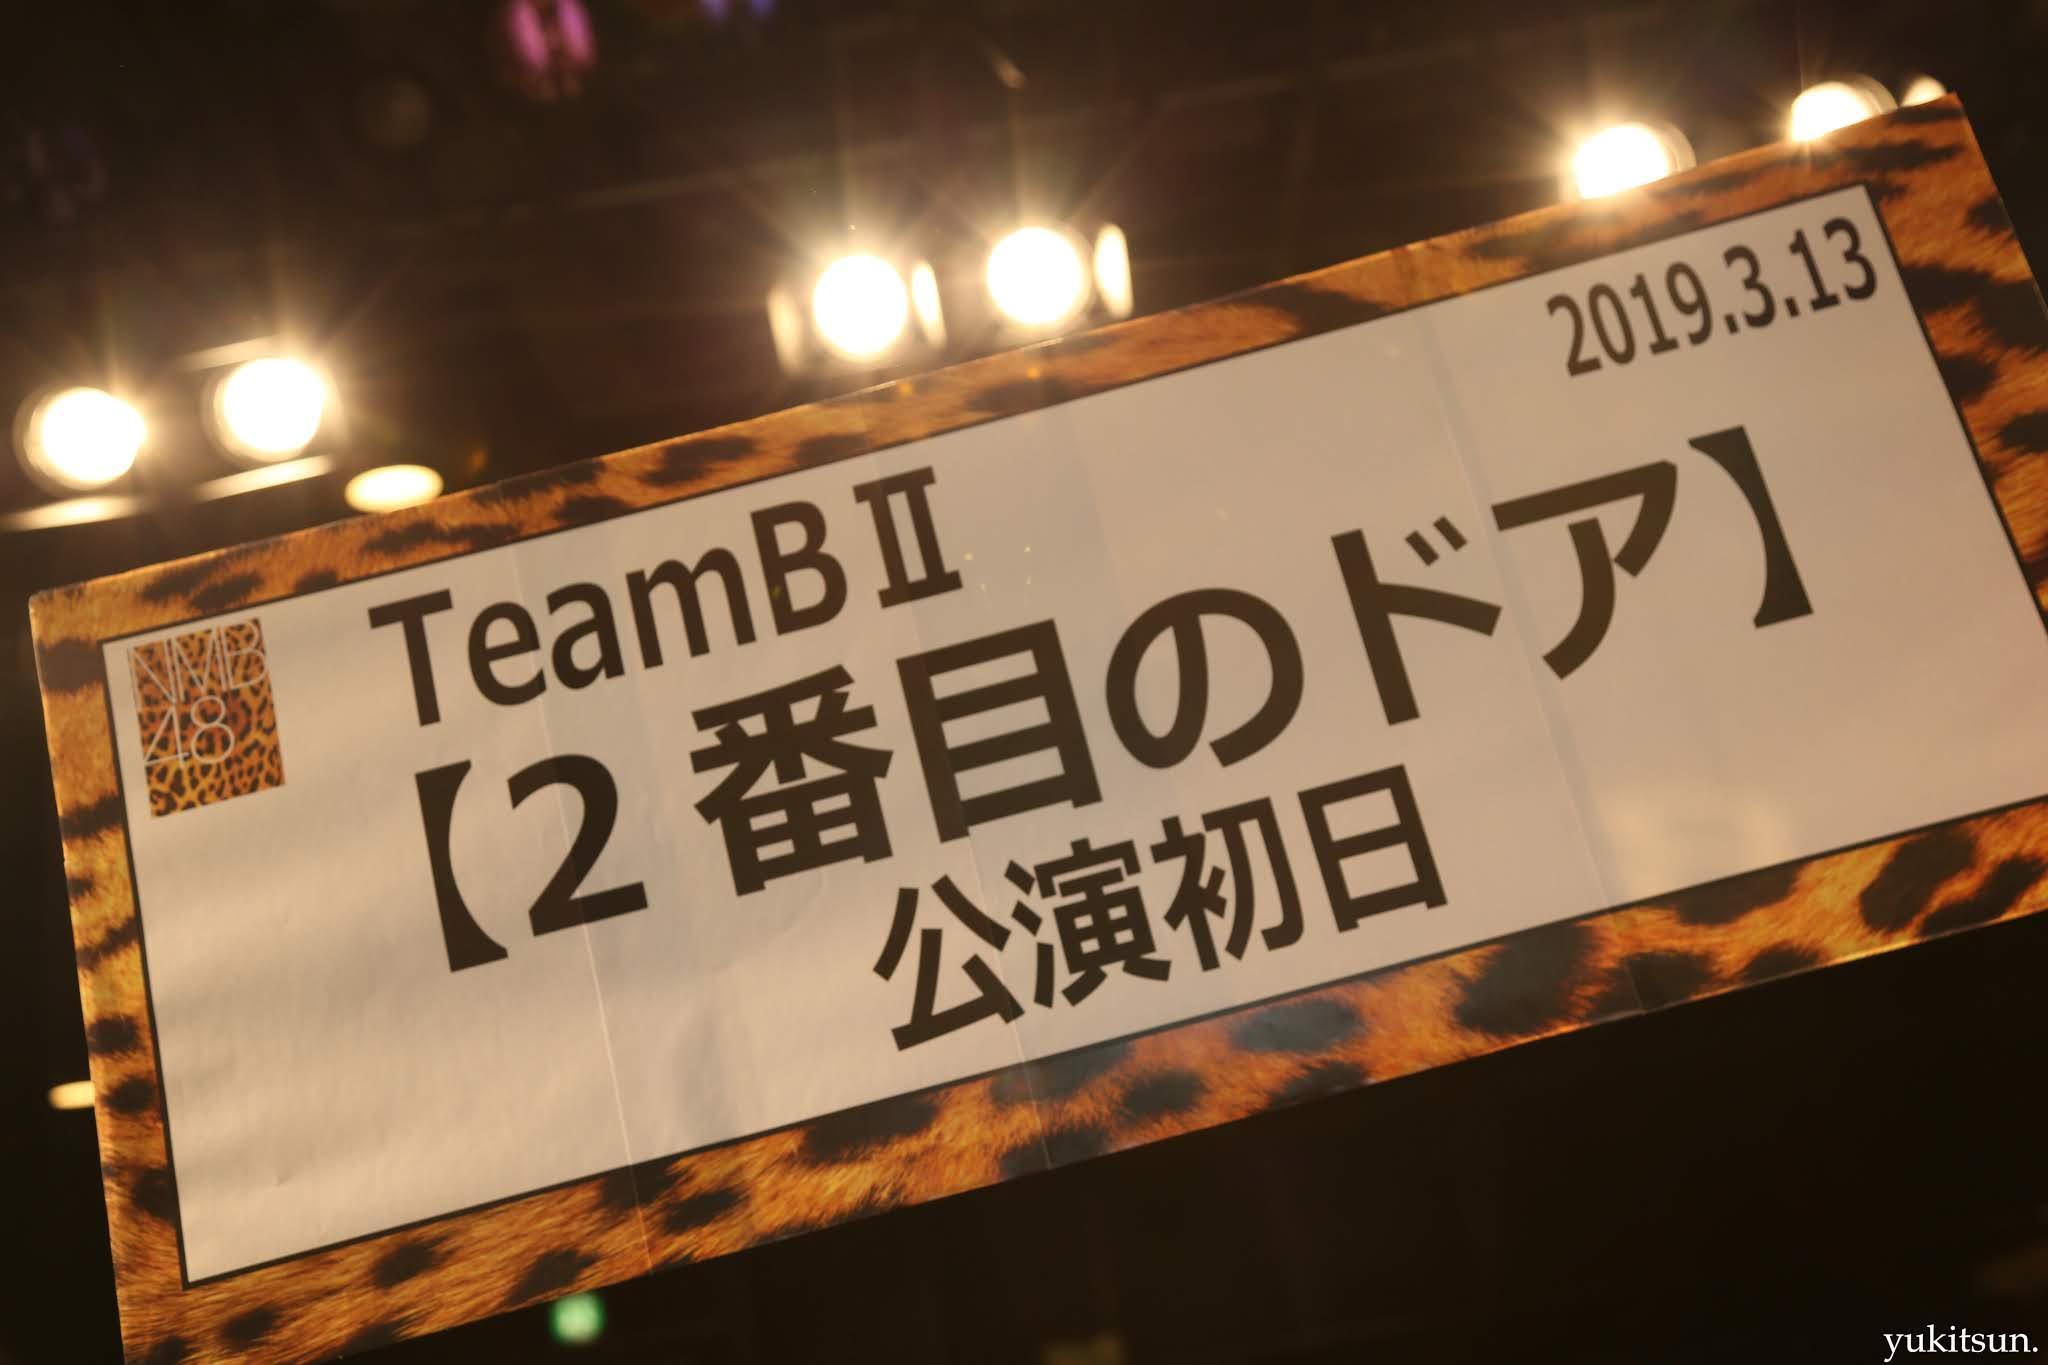 2019.3.13 小嶋teamBⅡ 2番目のドア 公演初日 オフショ